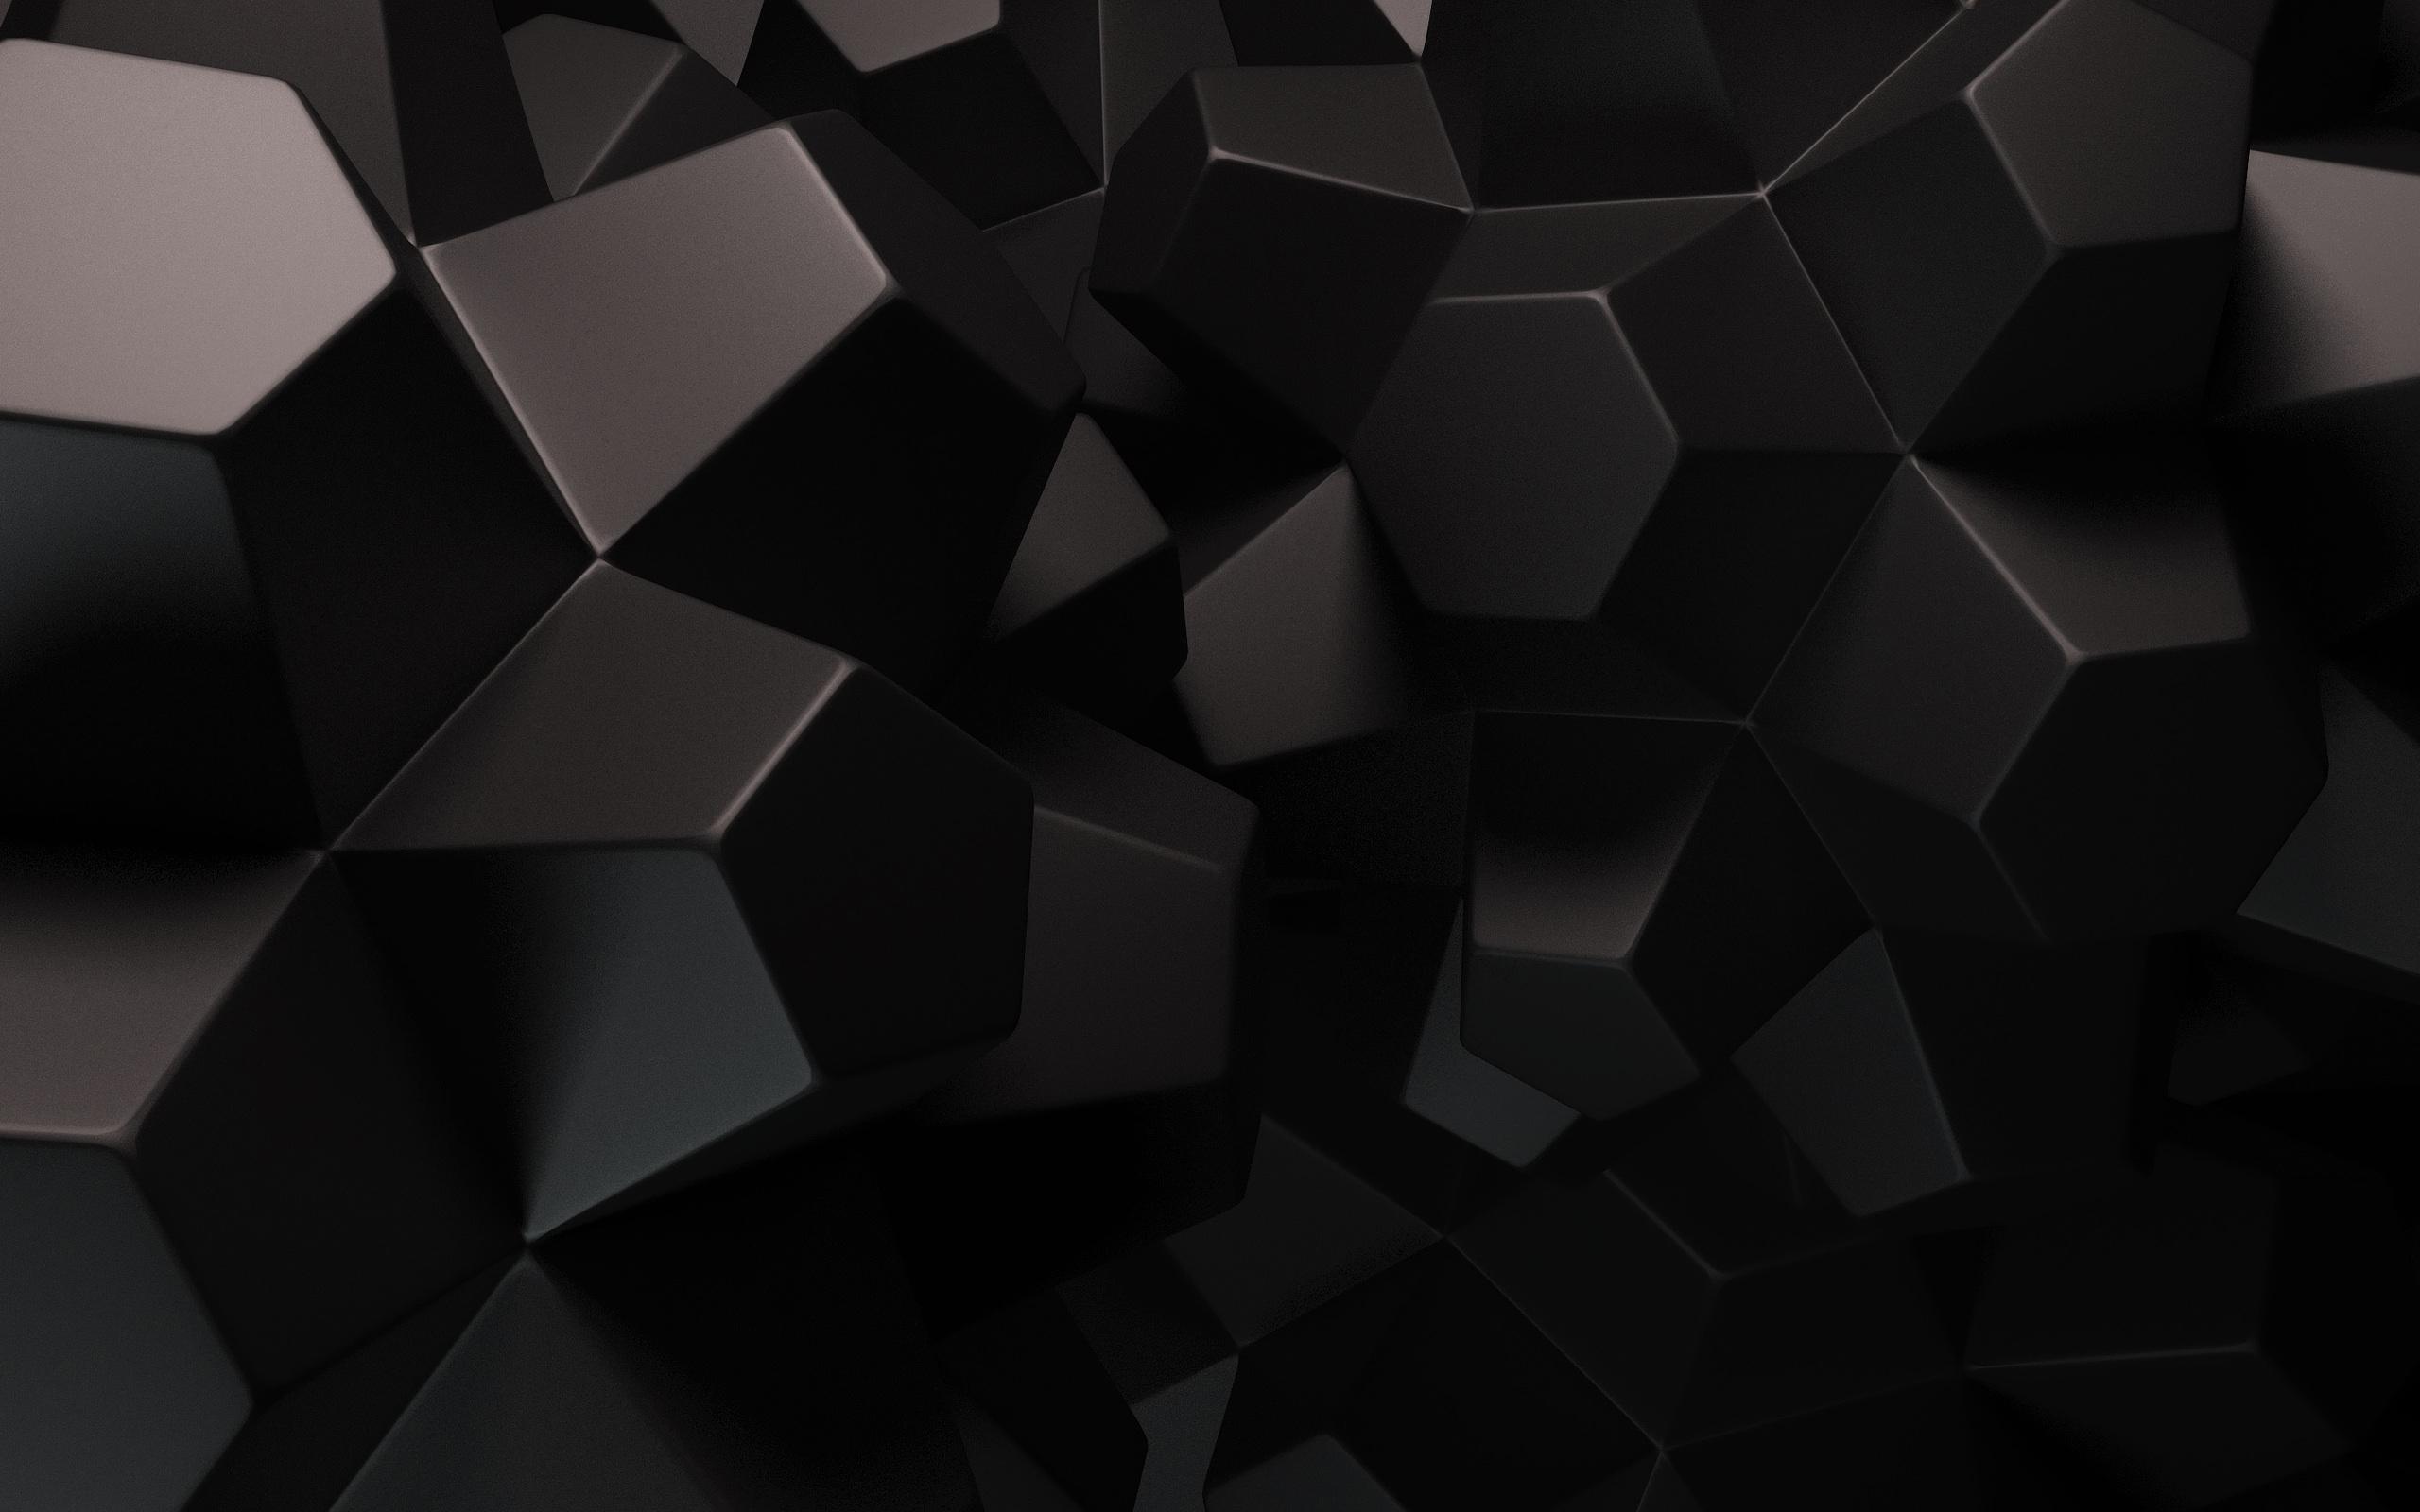 Hình nền màu đen 3d